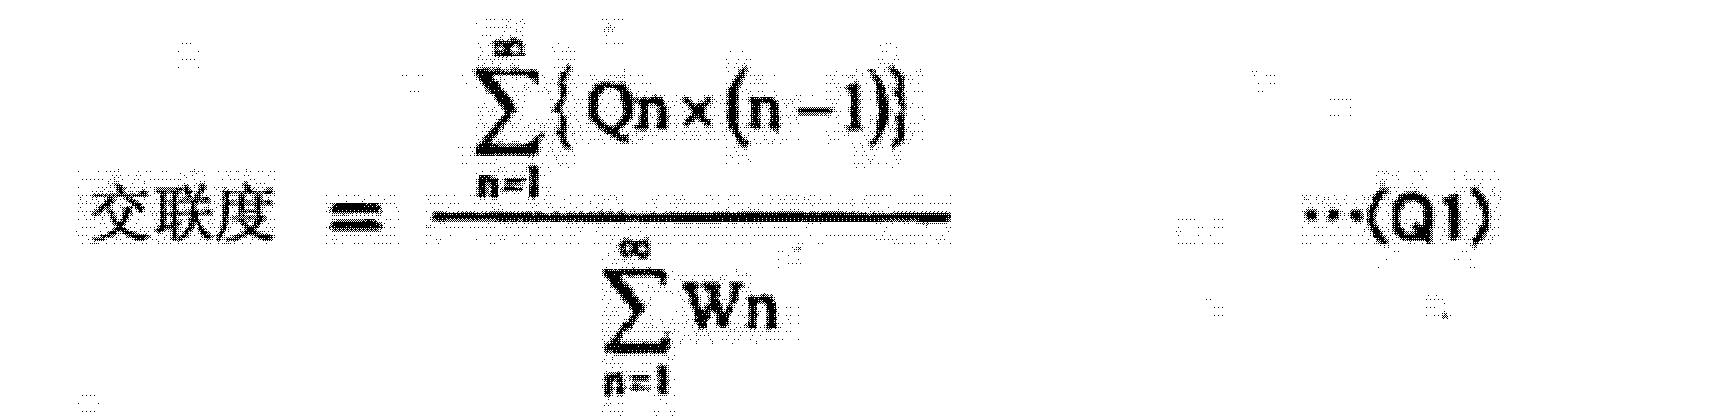 Figure CN103747812AC00021